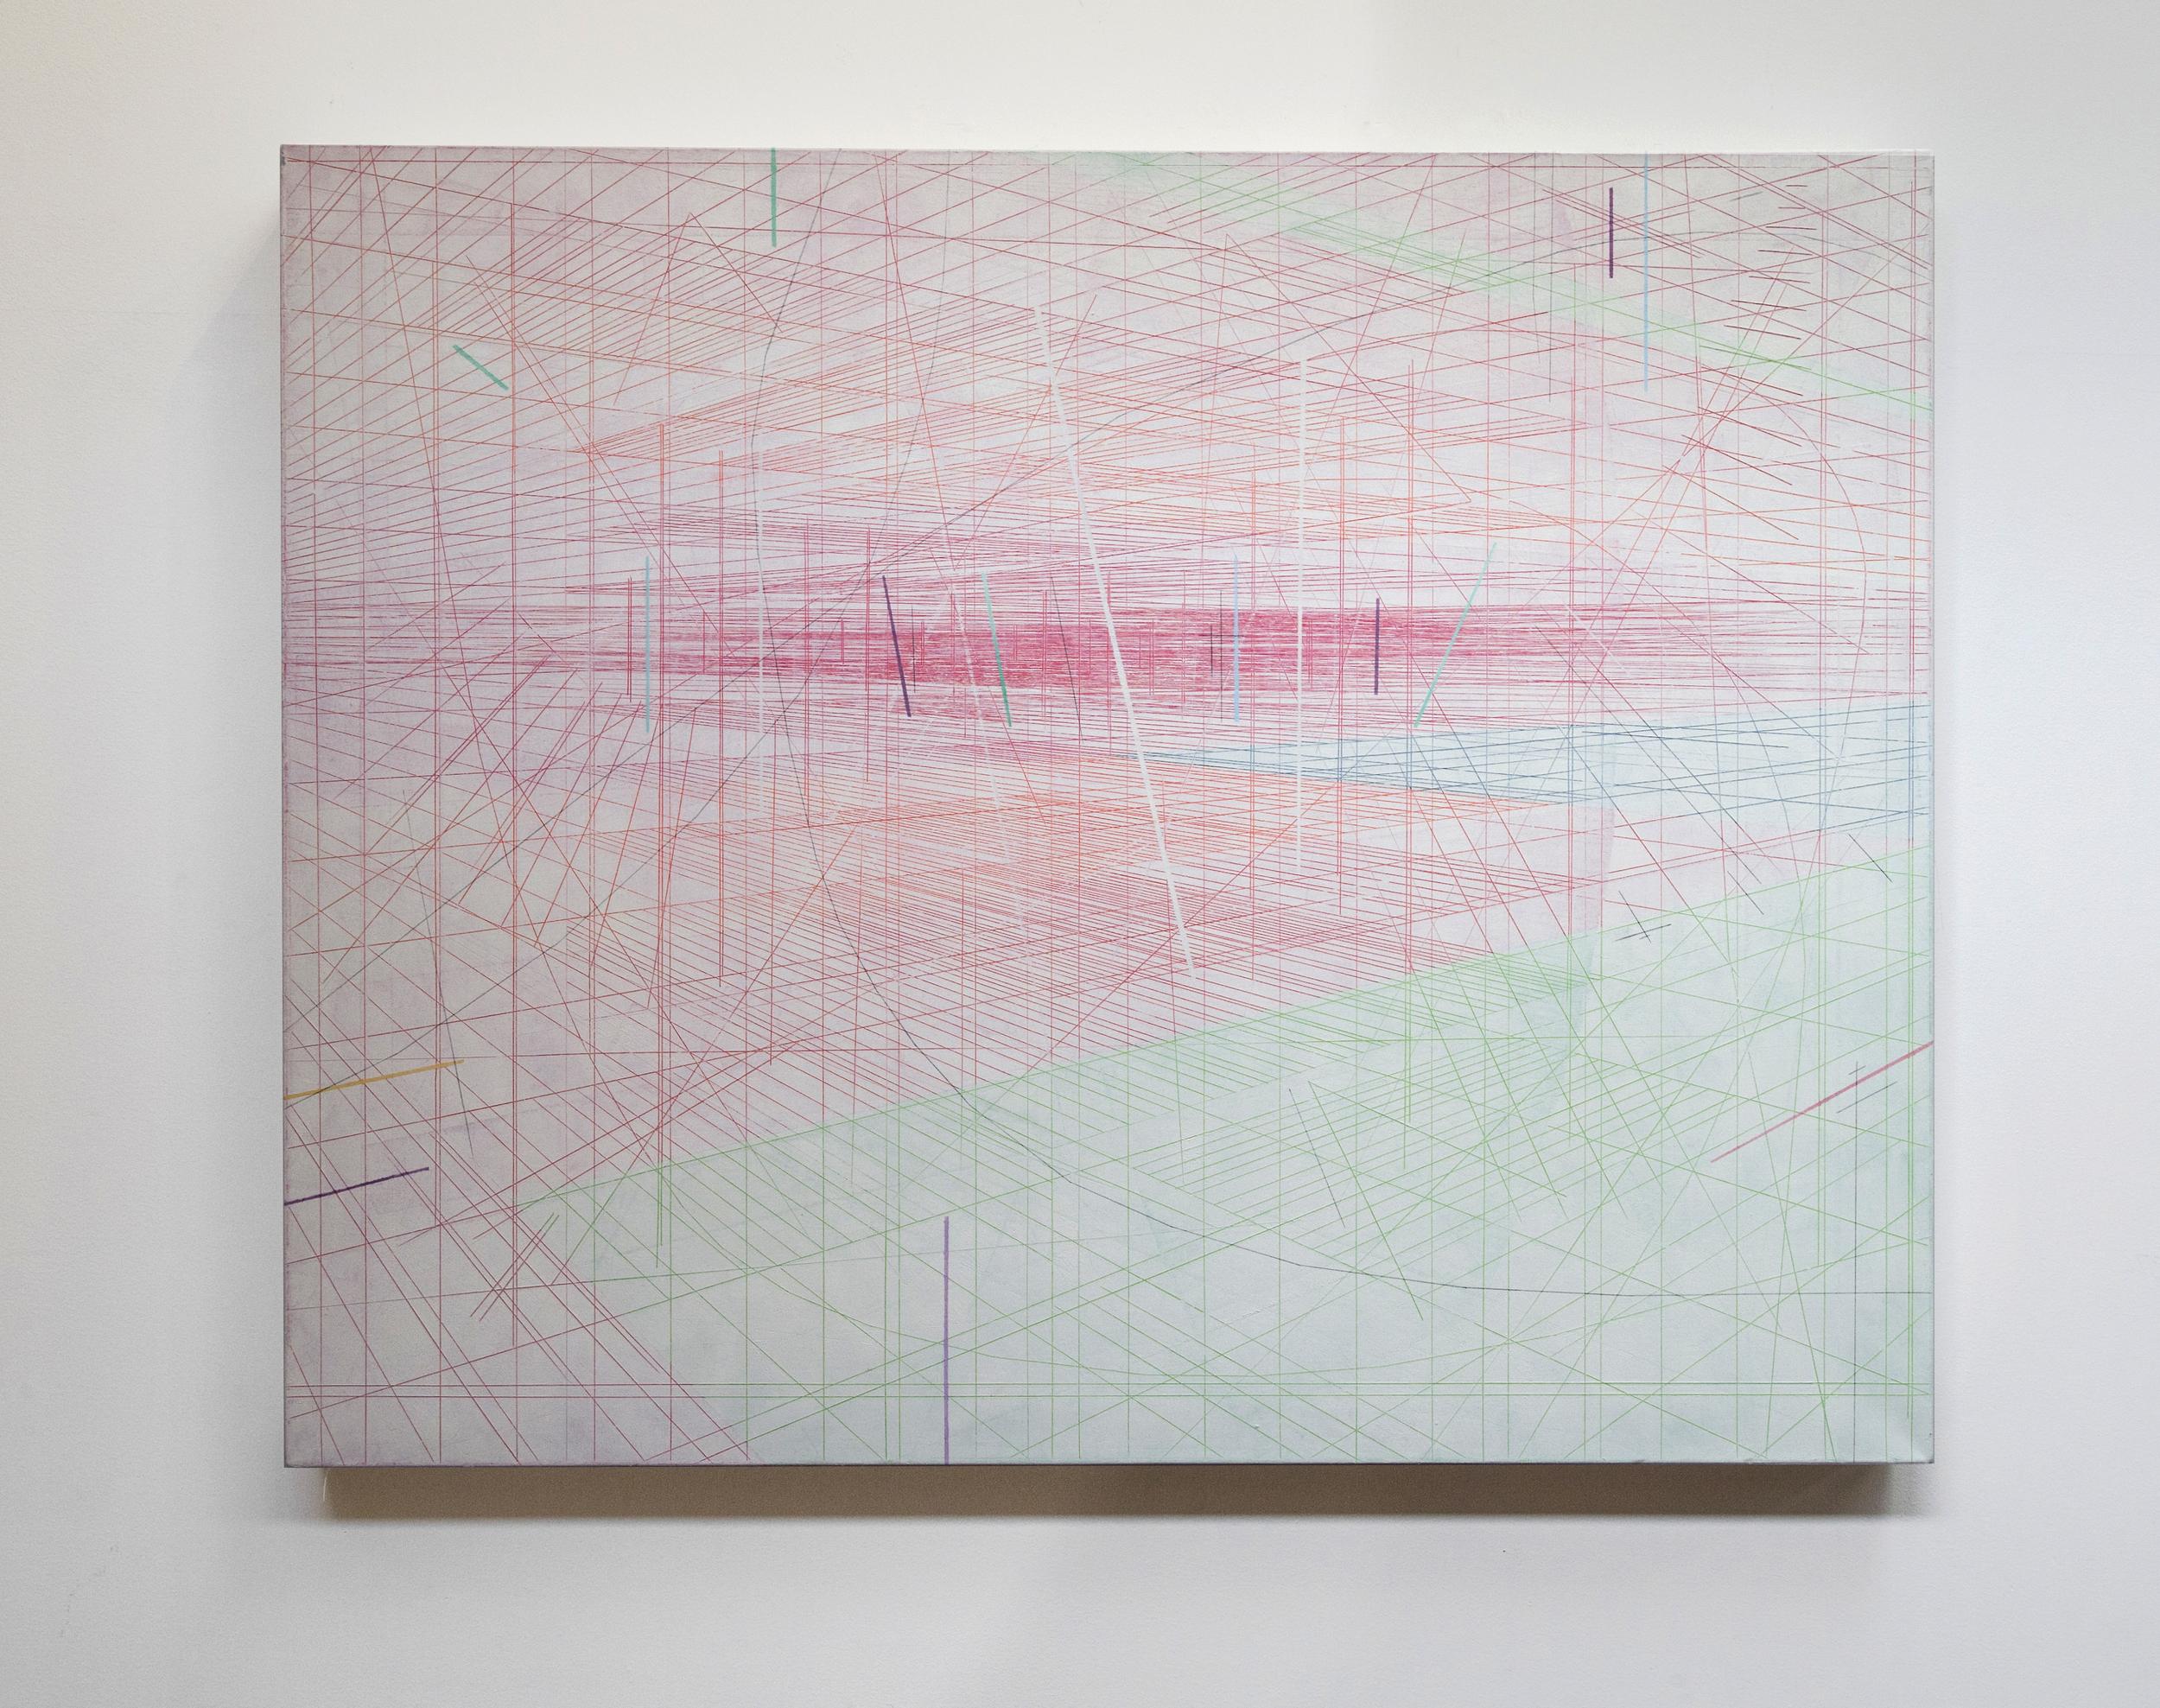 Dillon_Gallery_Steven_MacIver_Artist_Chelsea_Exhibit.jpg